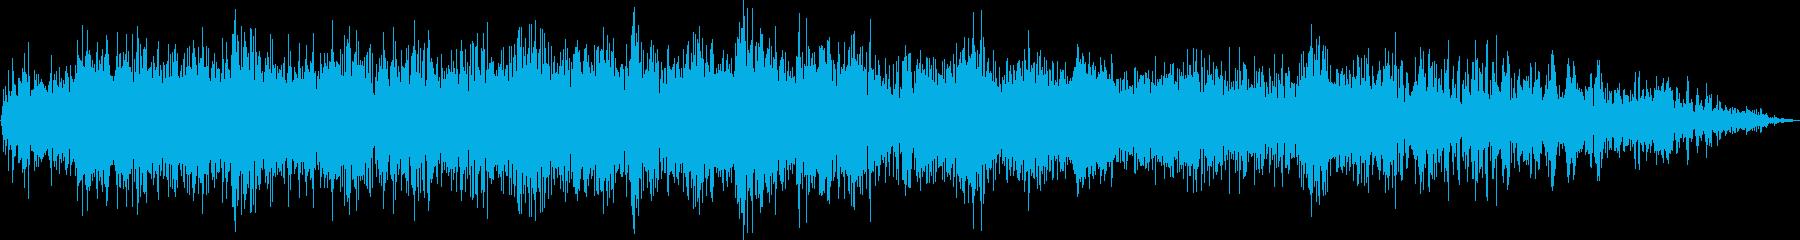 クイックノイズモーターフィルターの調整の再生済みの波形